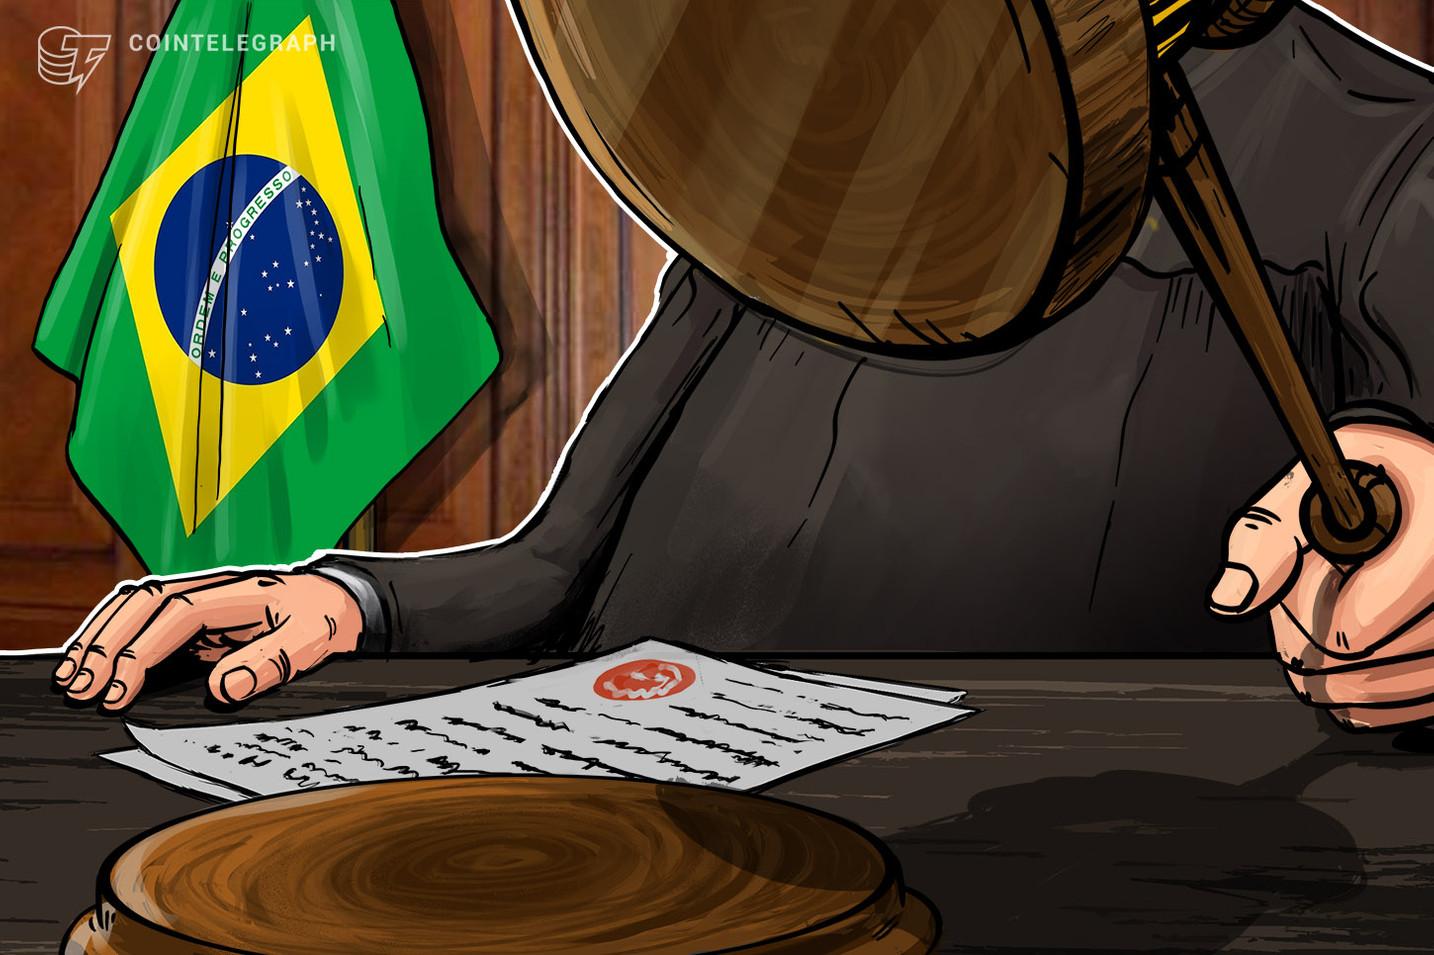 Banco Central deve retirar nota de R$ 200 de circulação ou pagará multa diária de R$ 50 mil